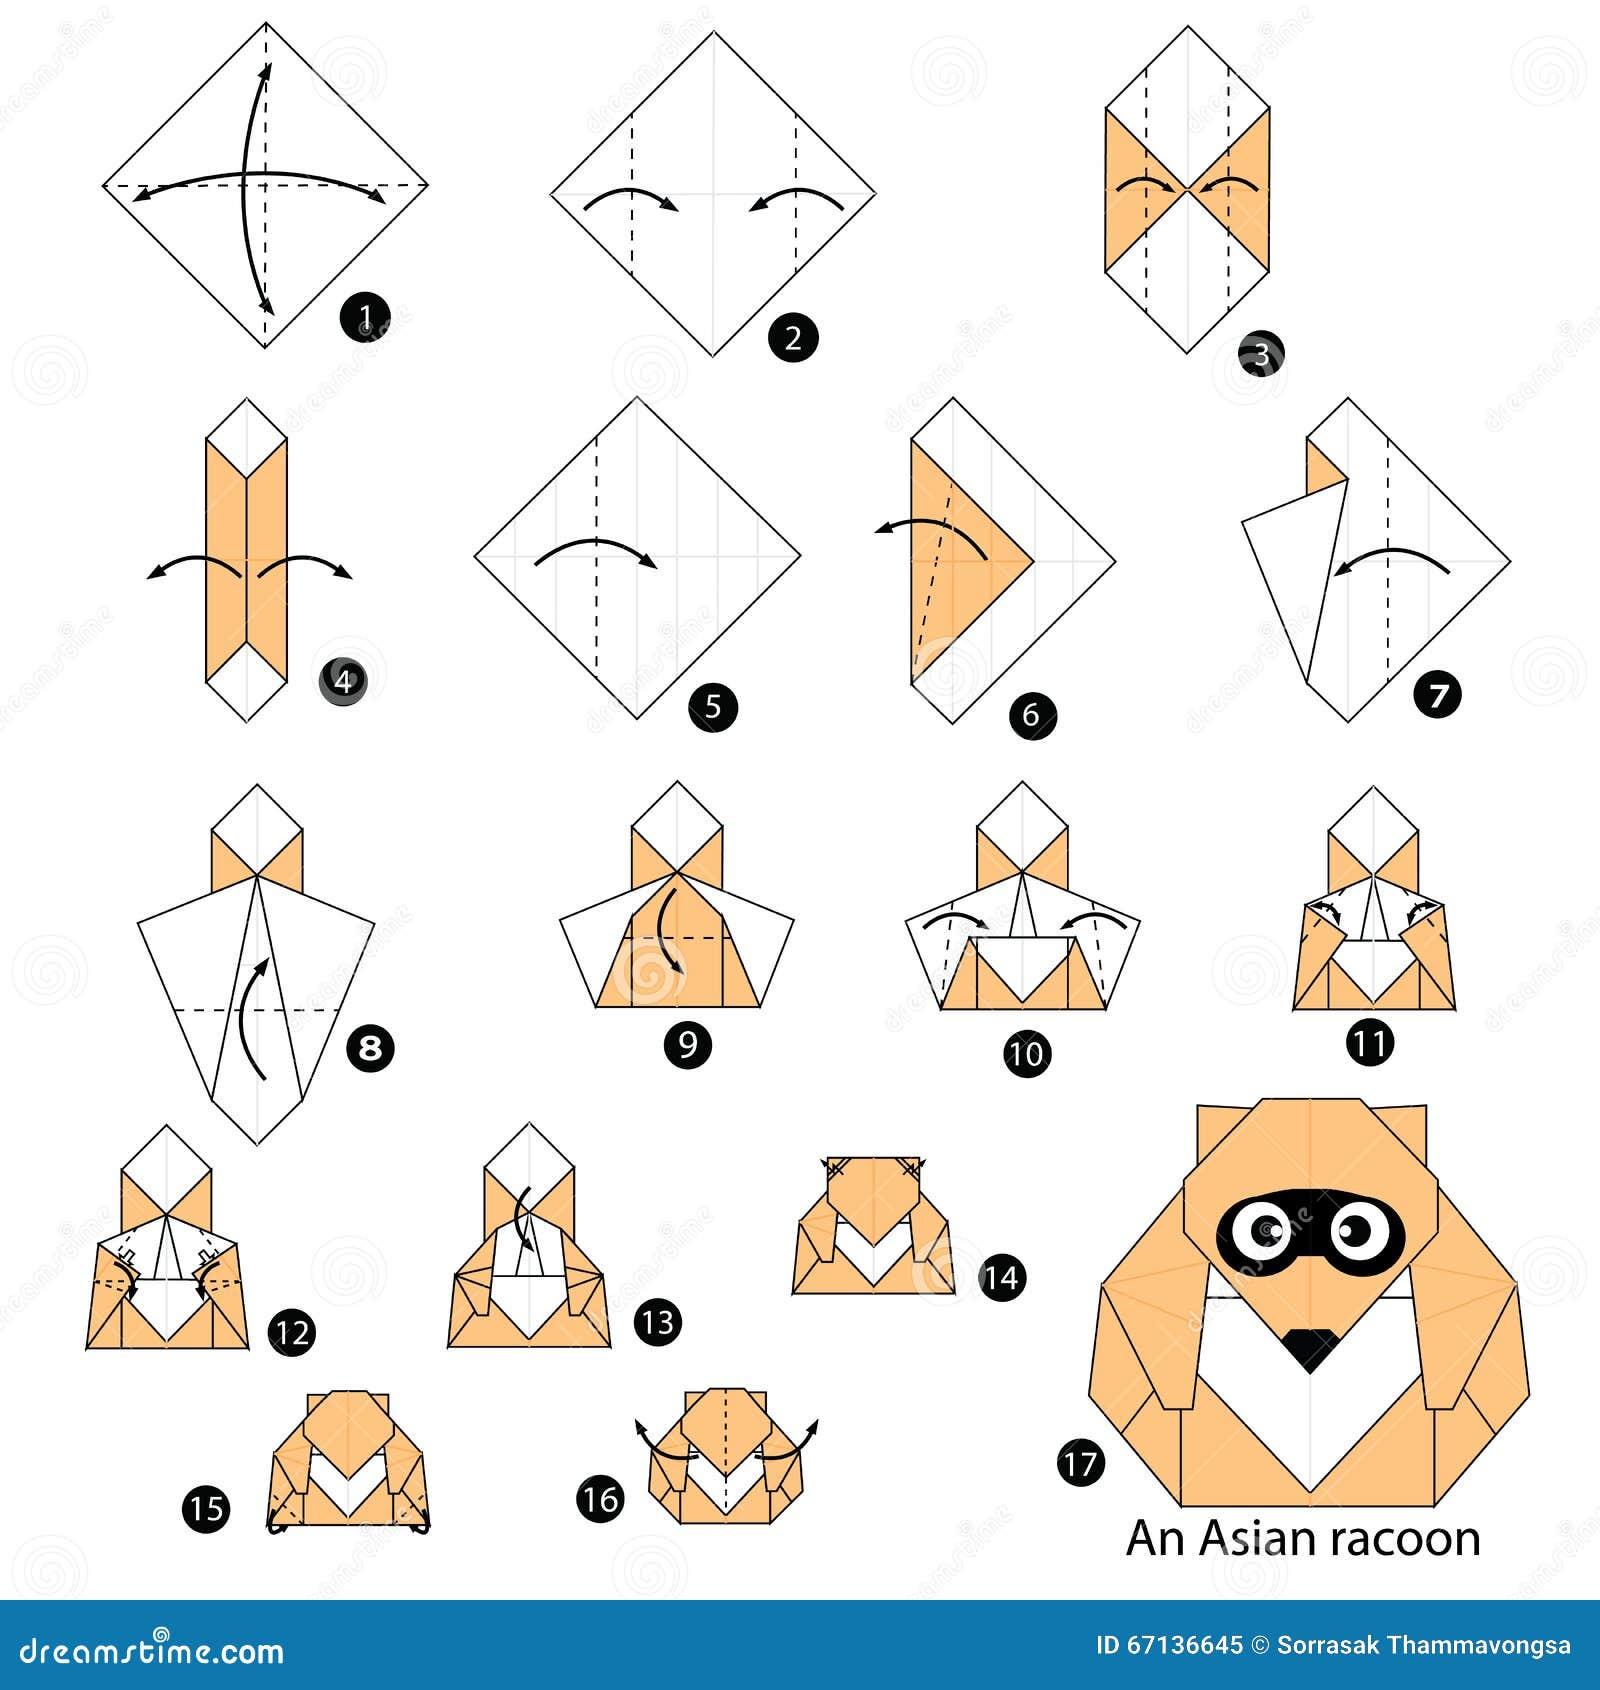 er diagram tutorial for beginners pdf